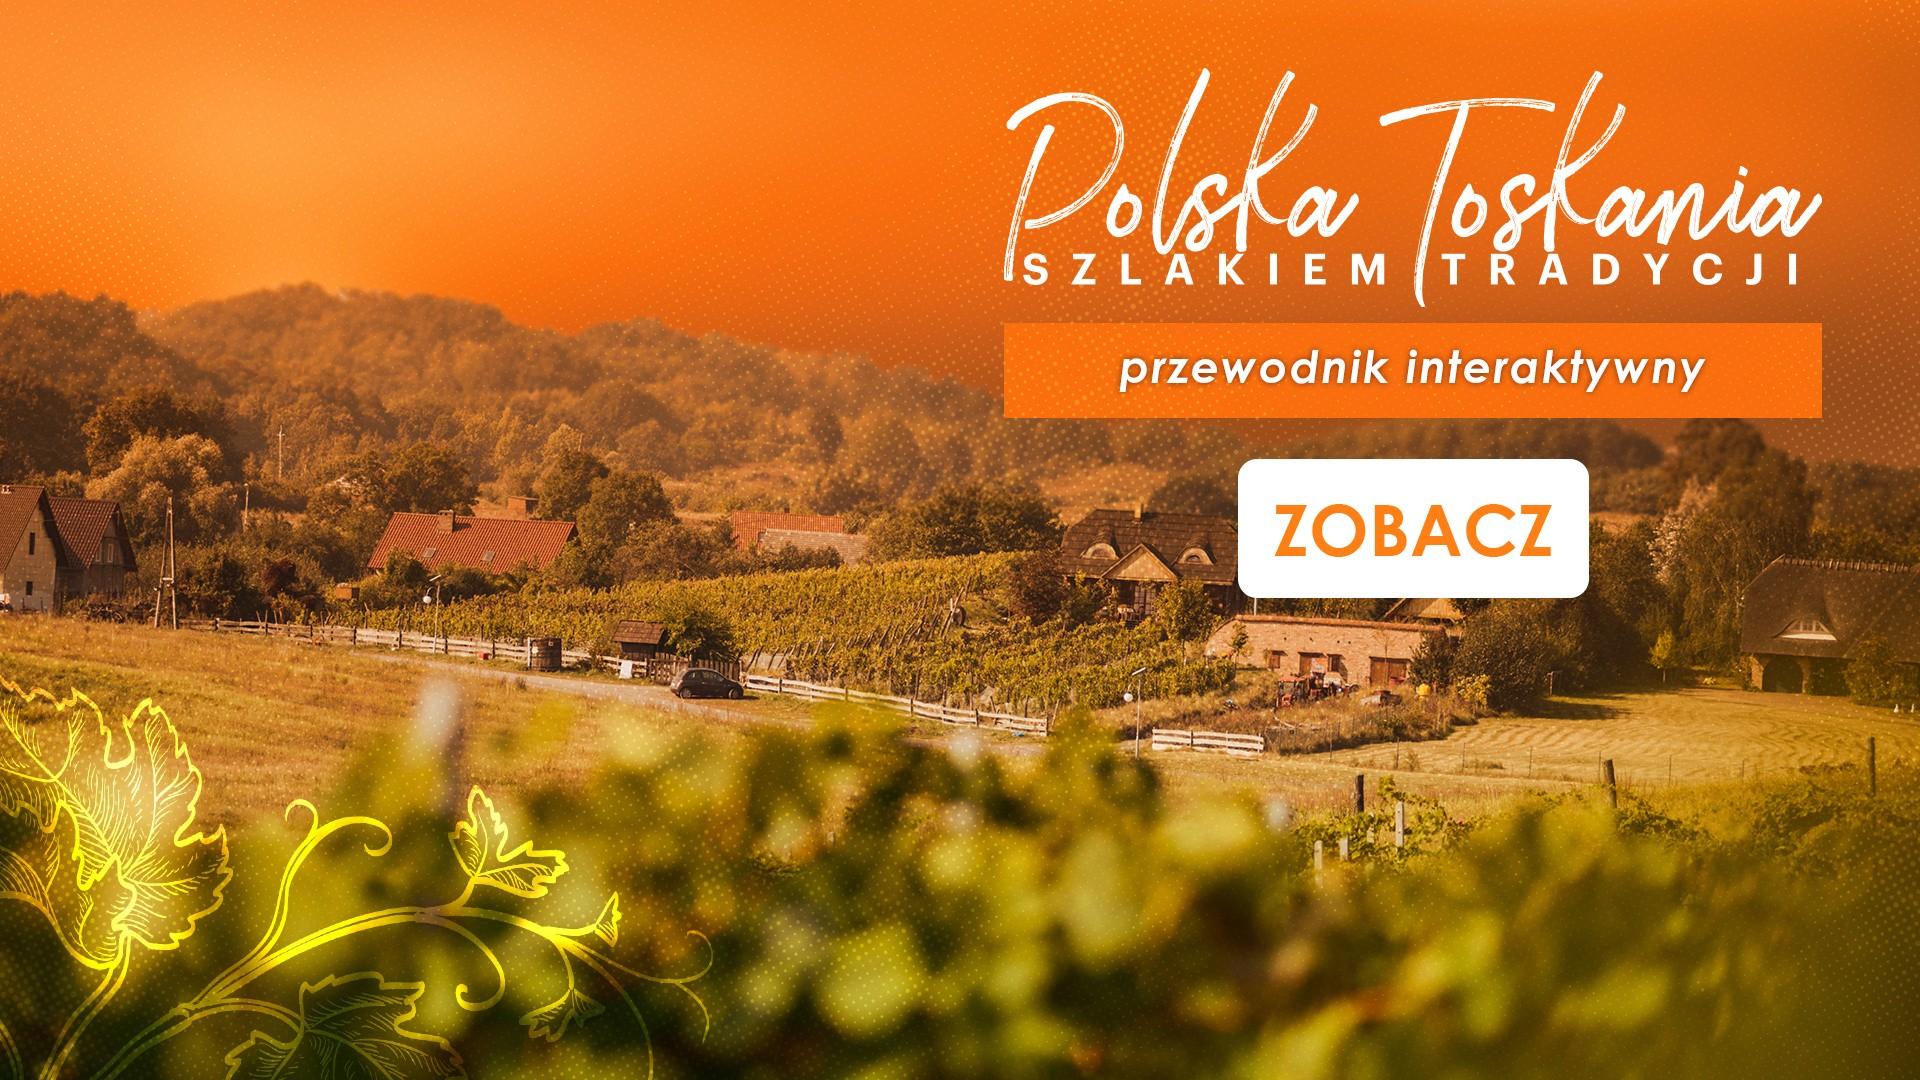 Przewodnik interaktywny po polskiej Toskanii